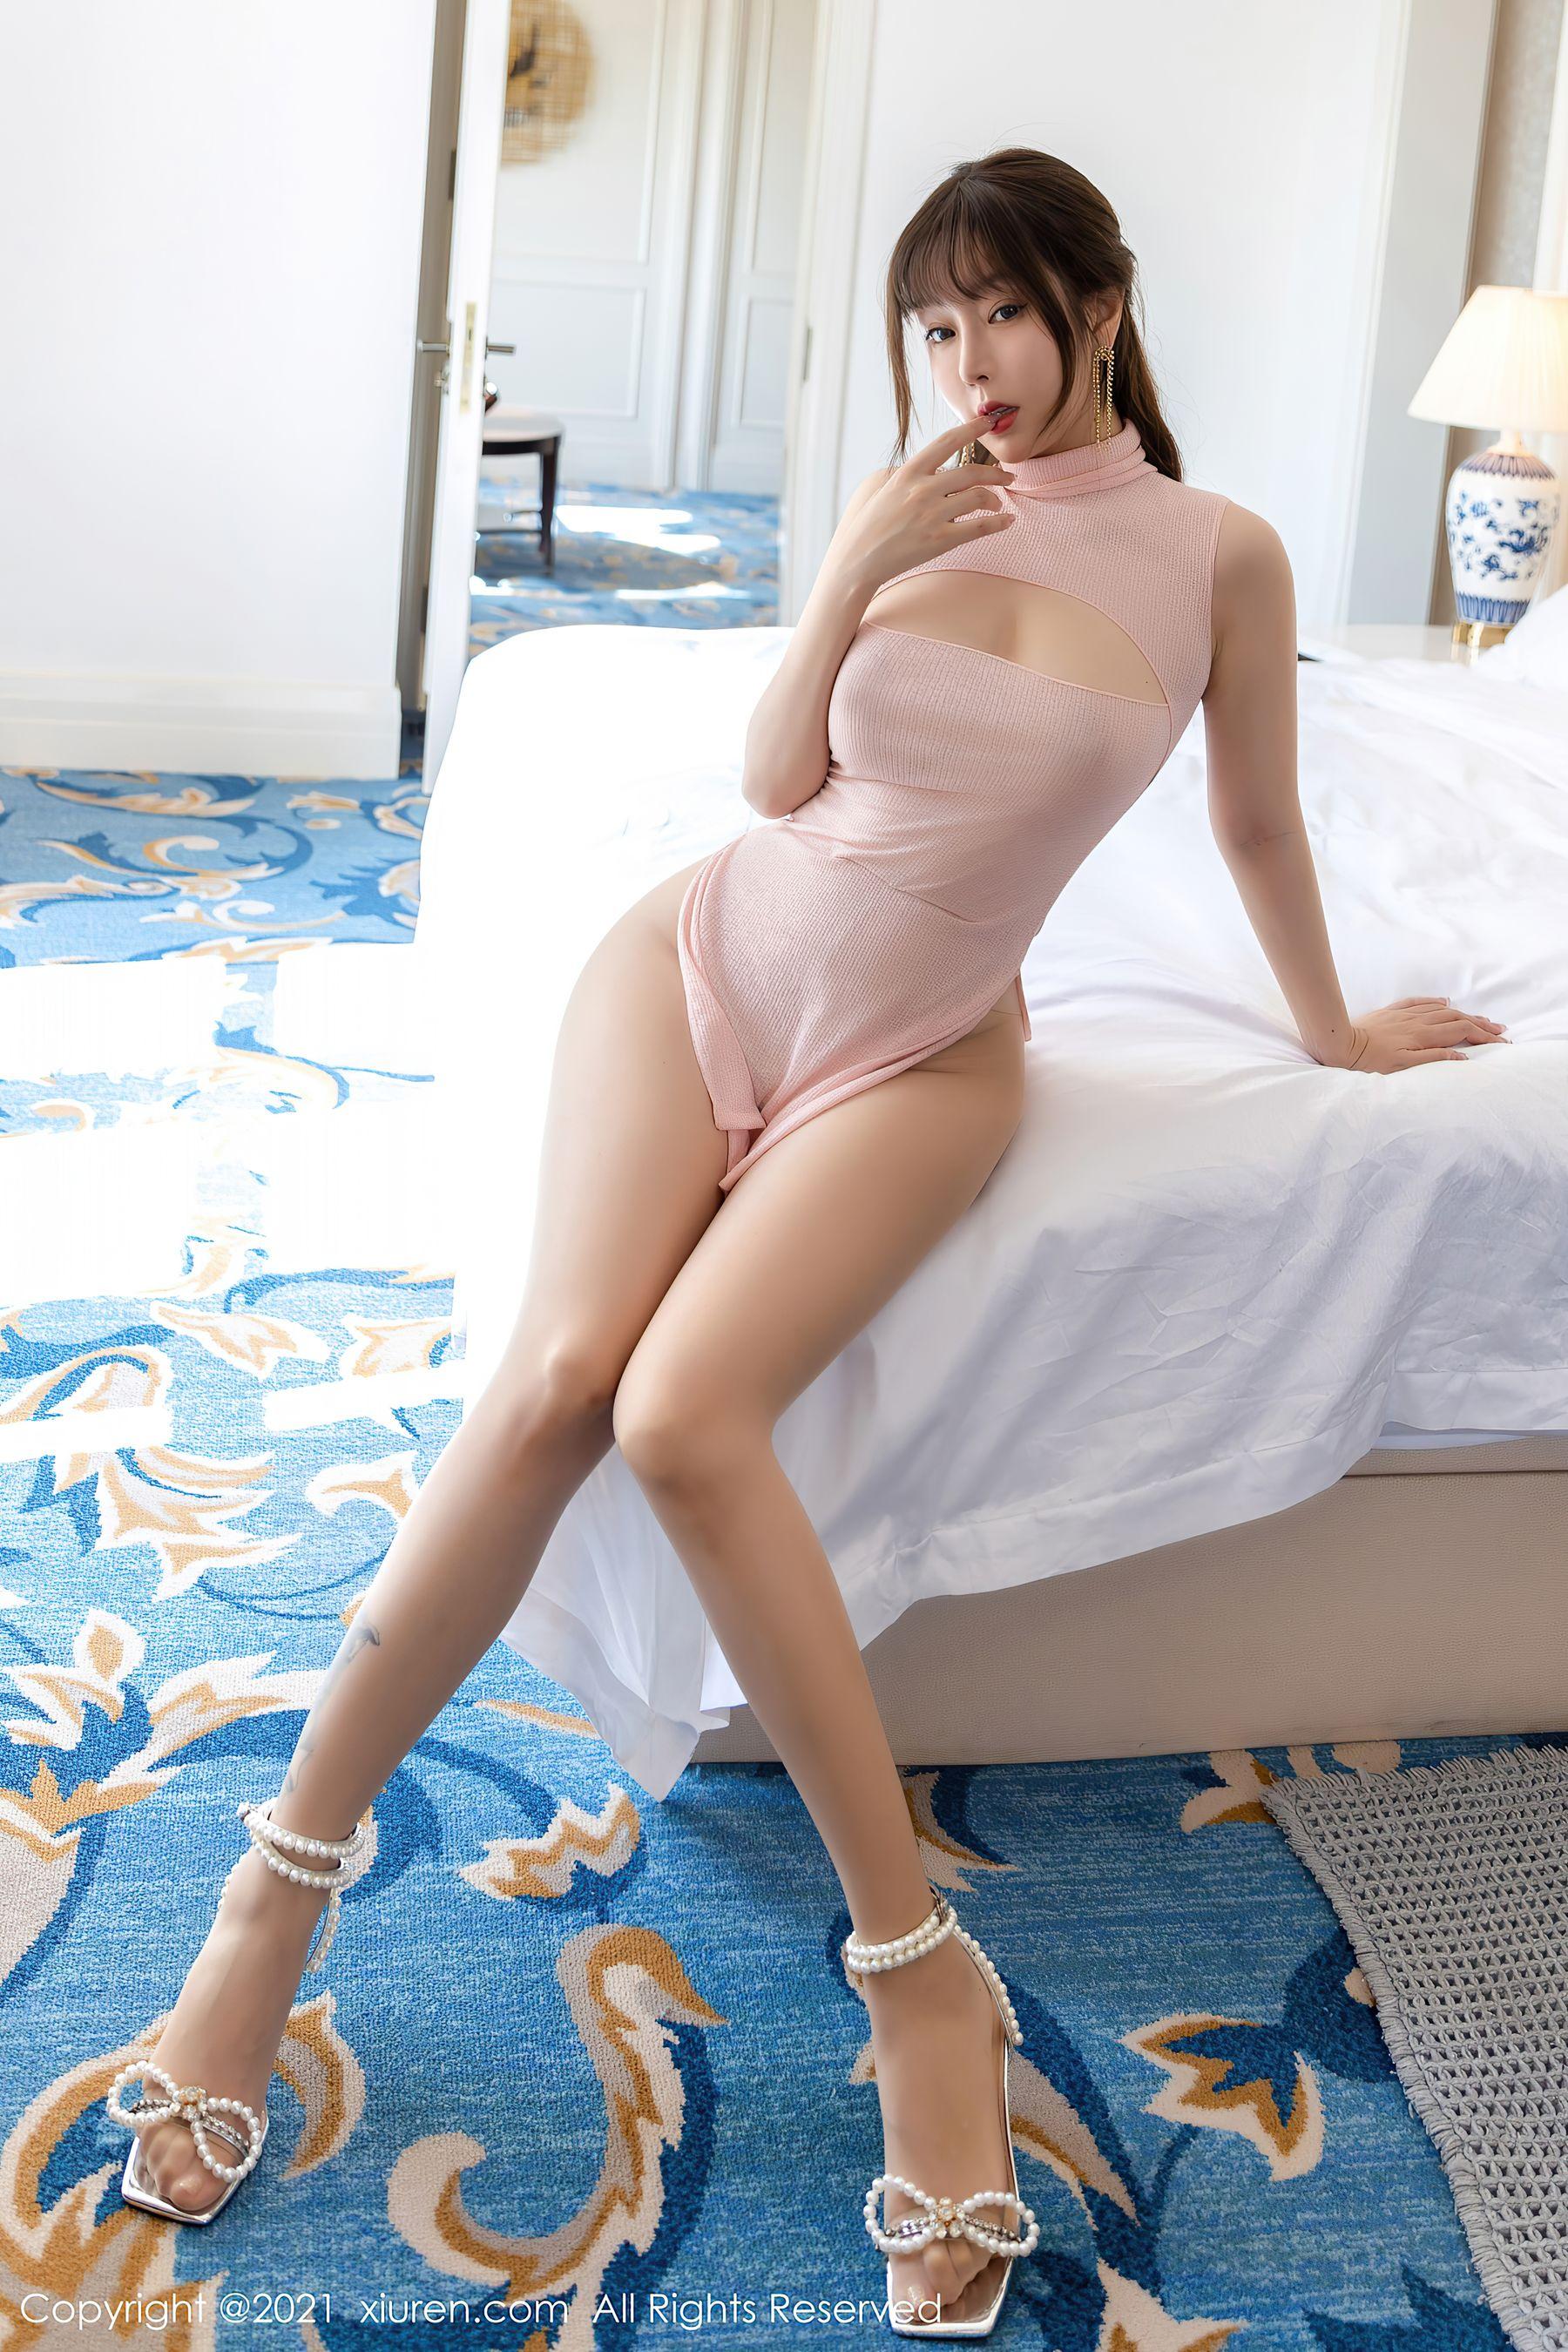 VOL.317 [秀人网]尤物魅惑美女顶级少妇:王雨纯(王语纯)超高清写真套图(64P)